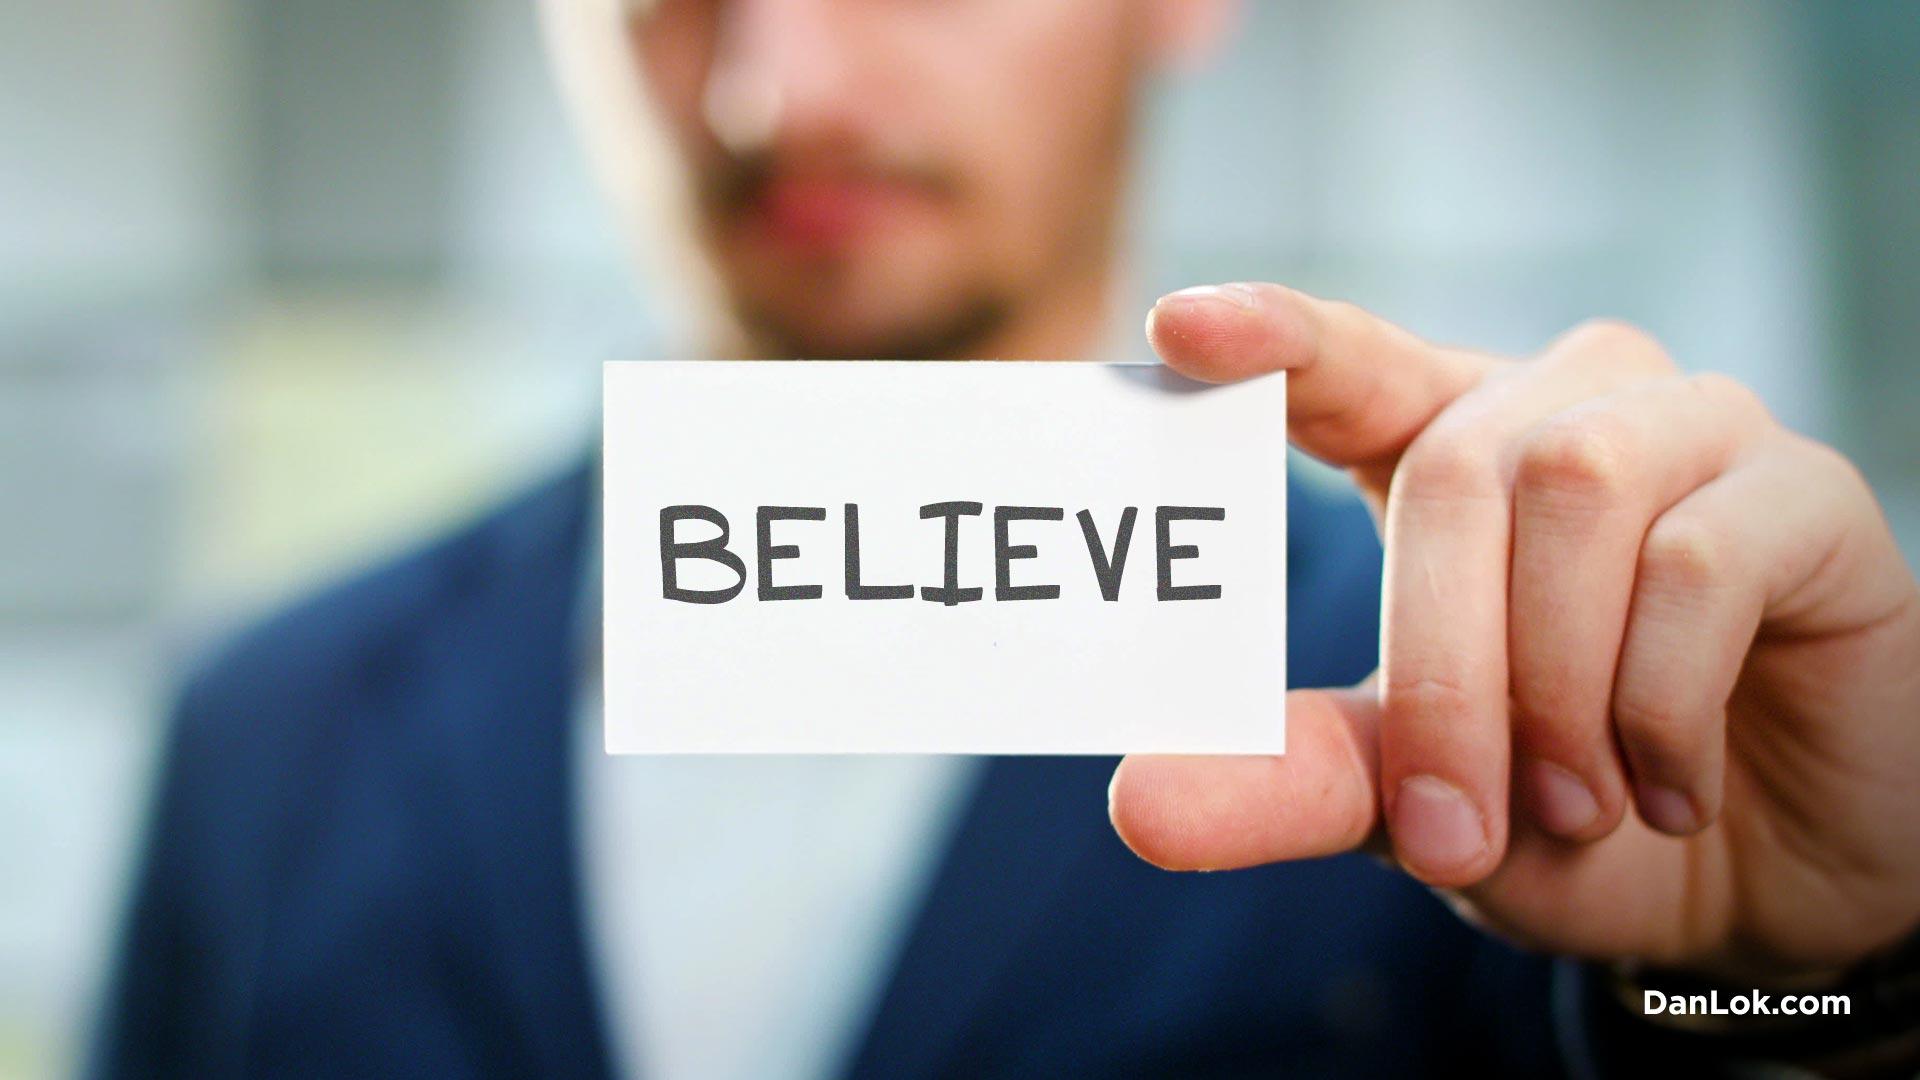 Glauben Sie an das, was Sie sagen, wenn Sie versuchen, als Introvertierte zwischenmenschliche Fähigkeiten zu entwickeln